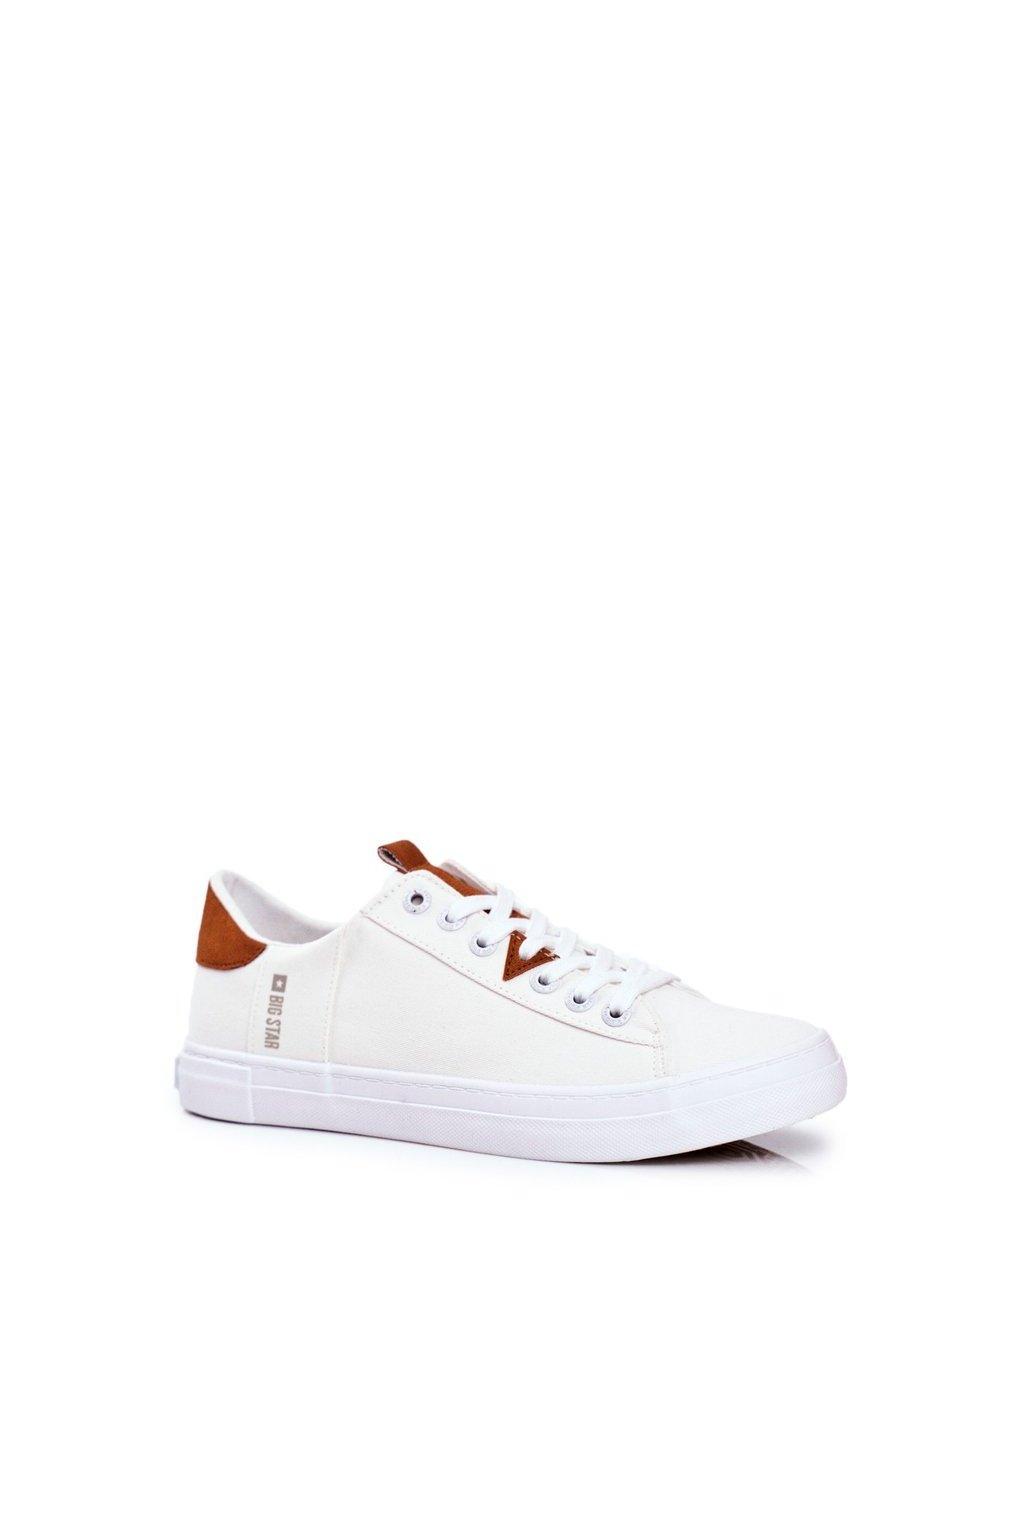 Biela obuv kód topánok FF174312 WHITE